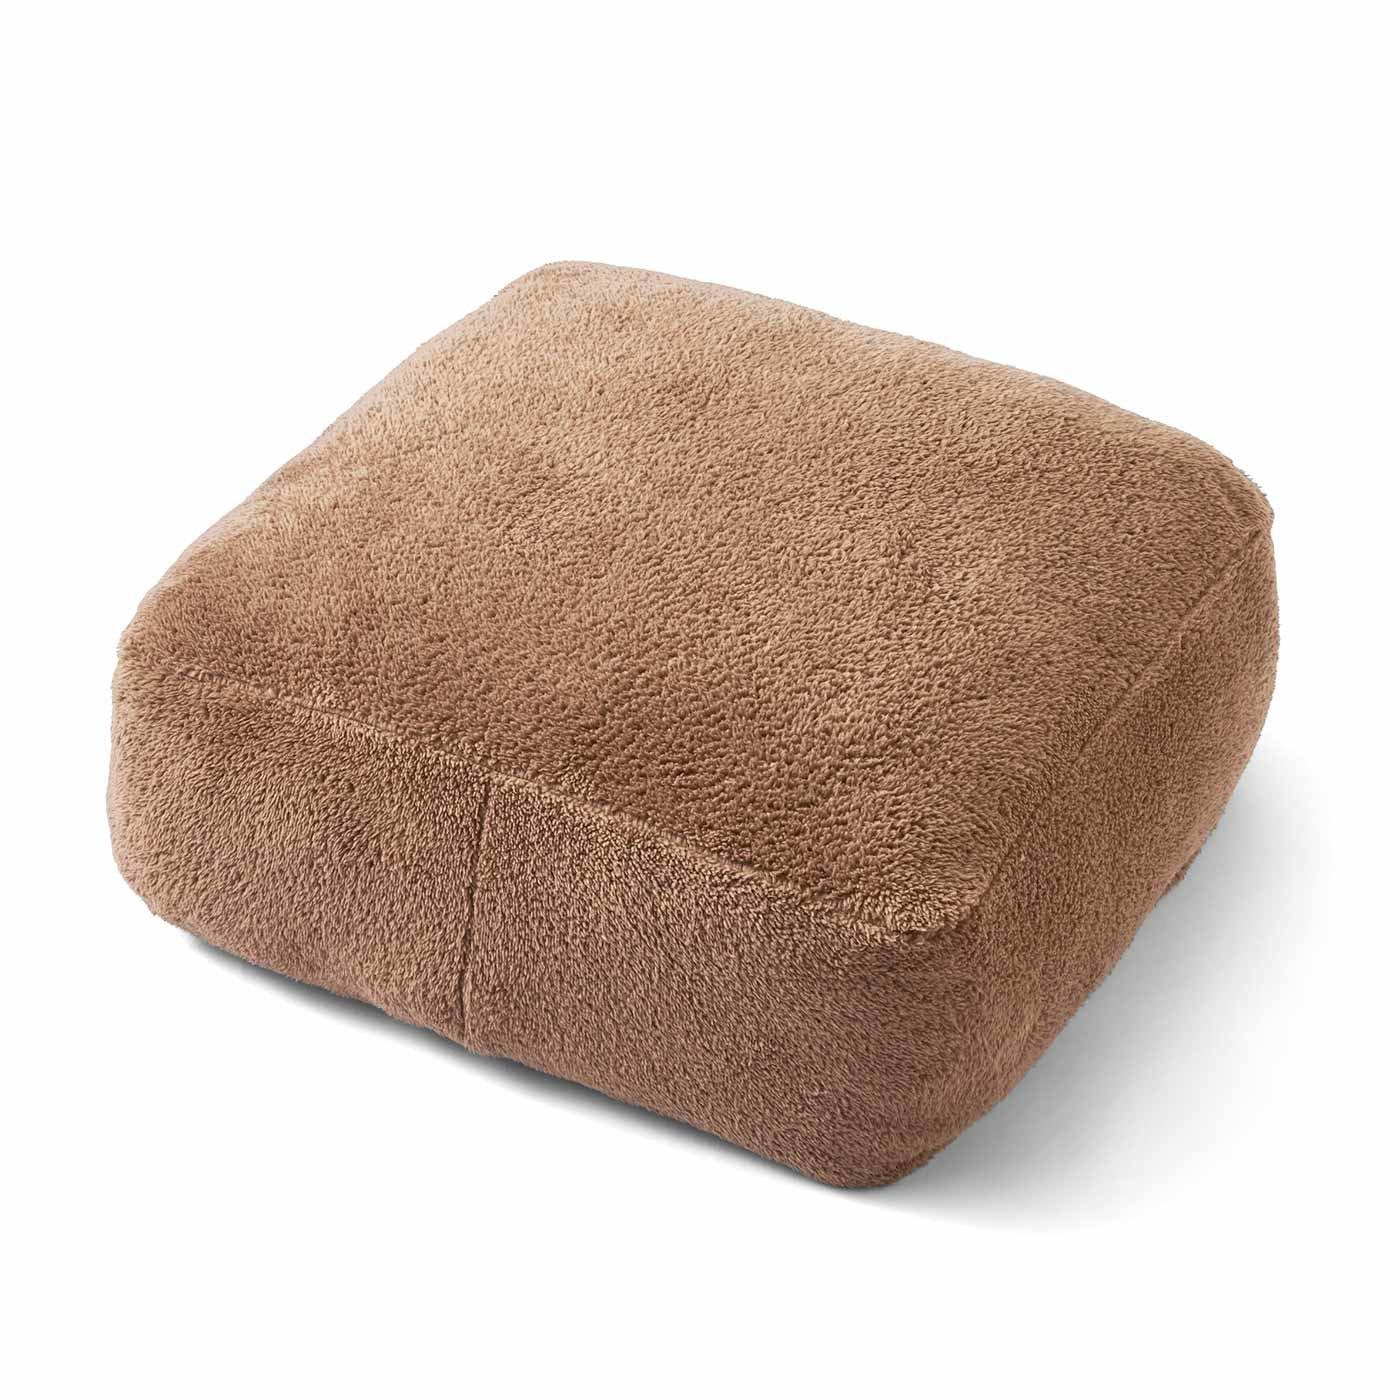 古着屋さんで見つけたような 布団収納あったかボアザブトン〈くまブラウン〉